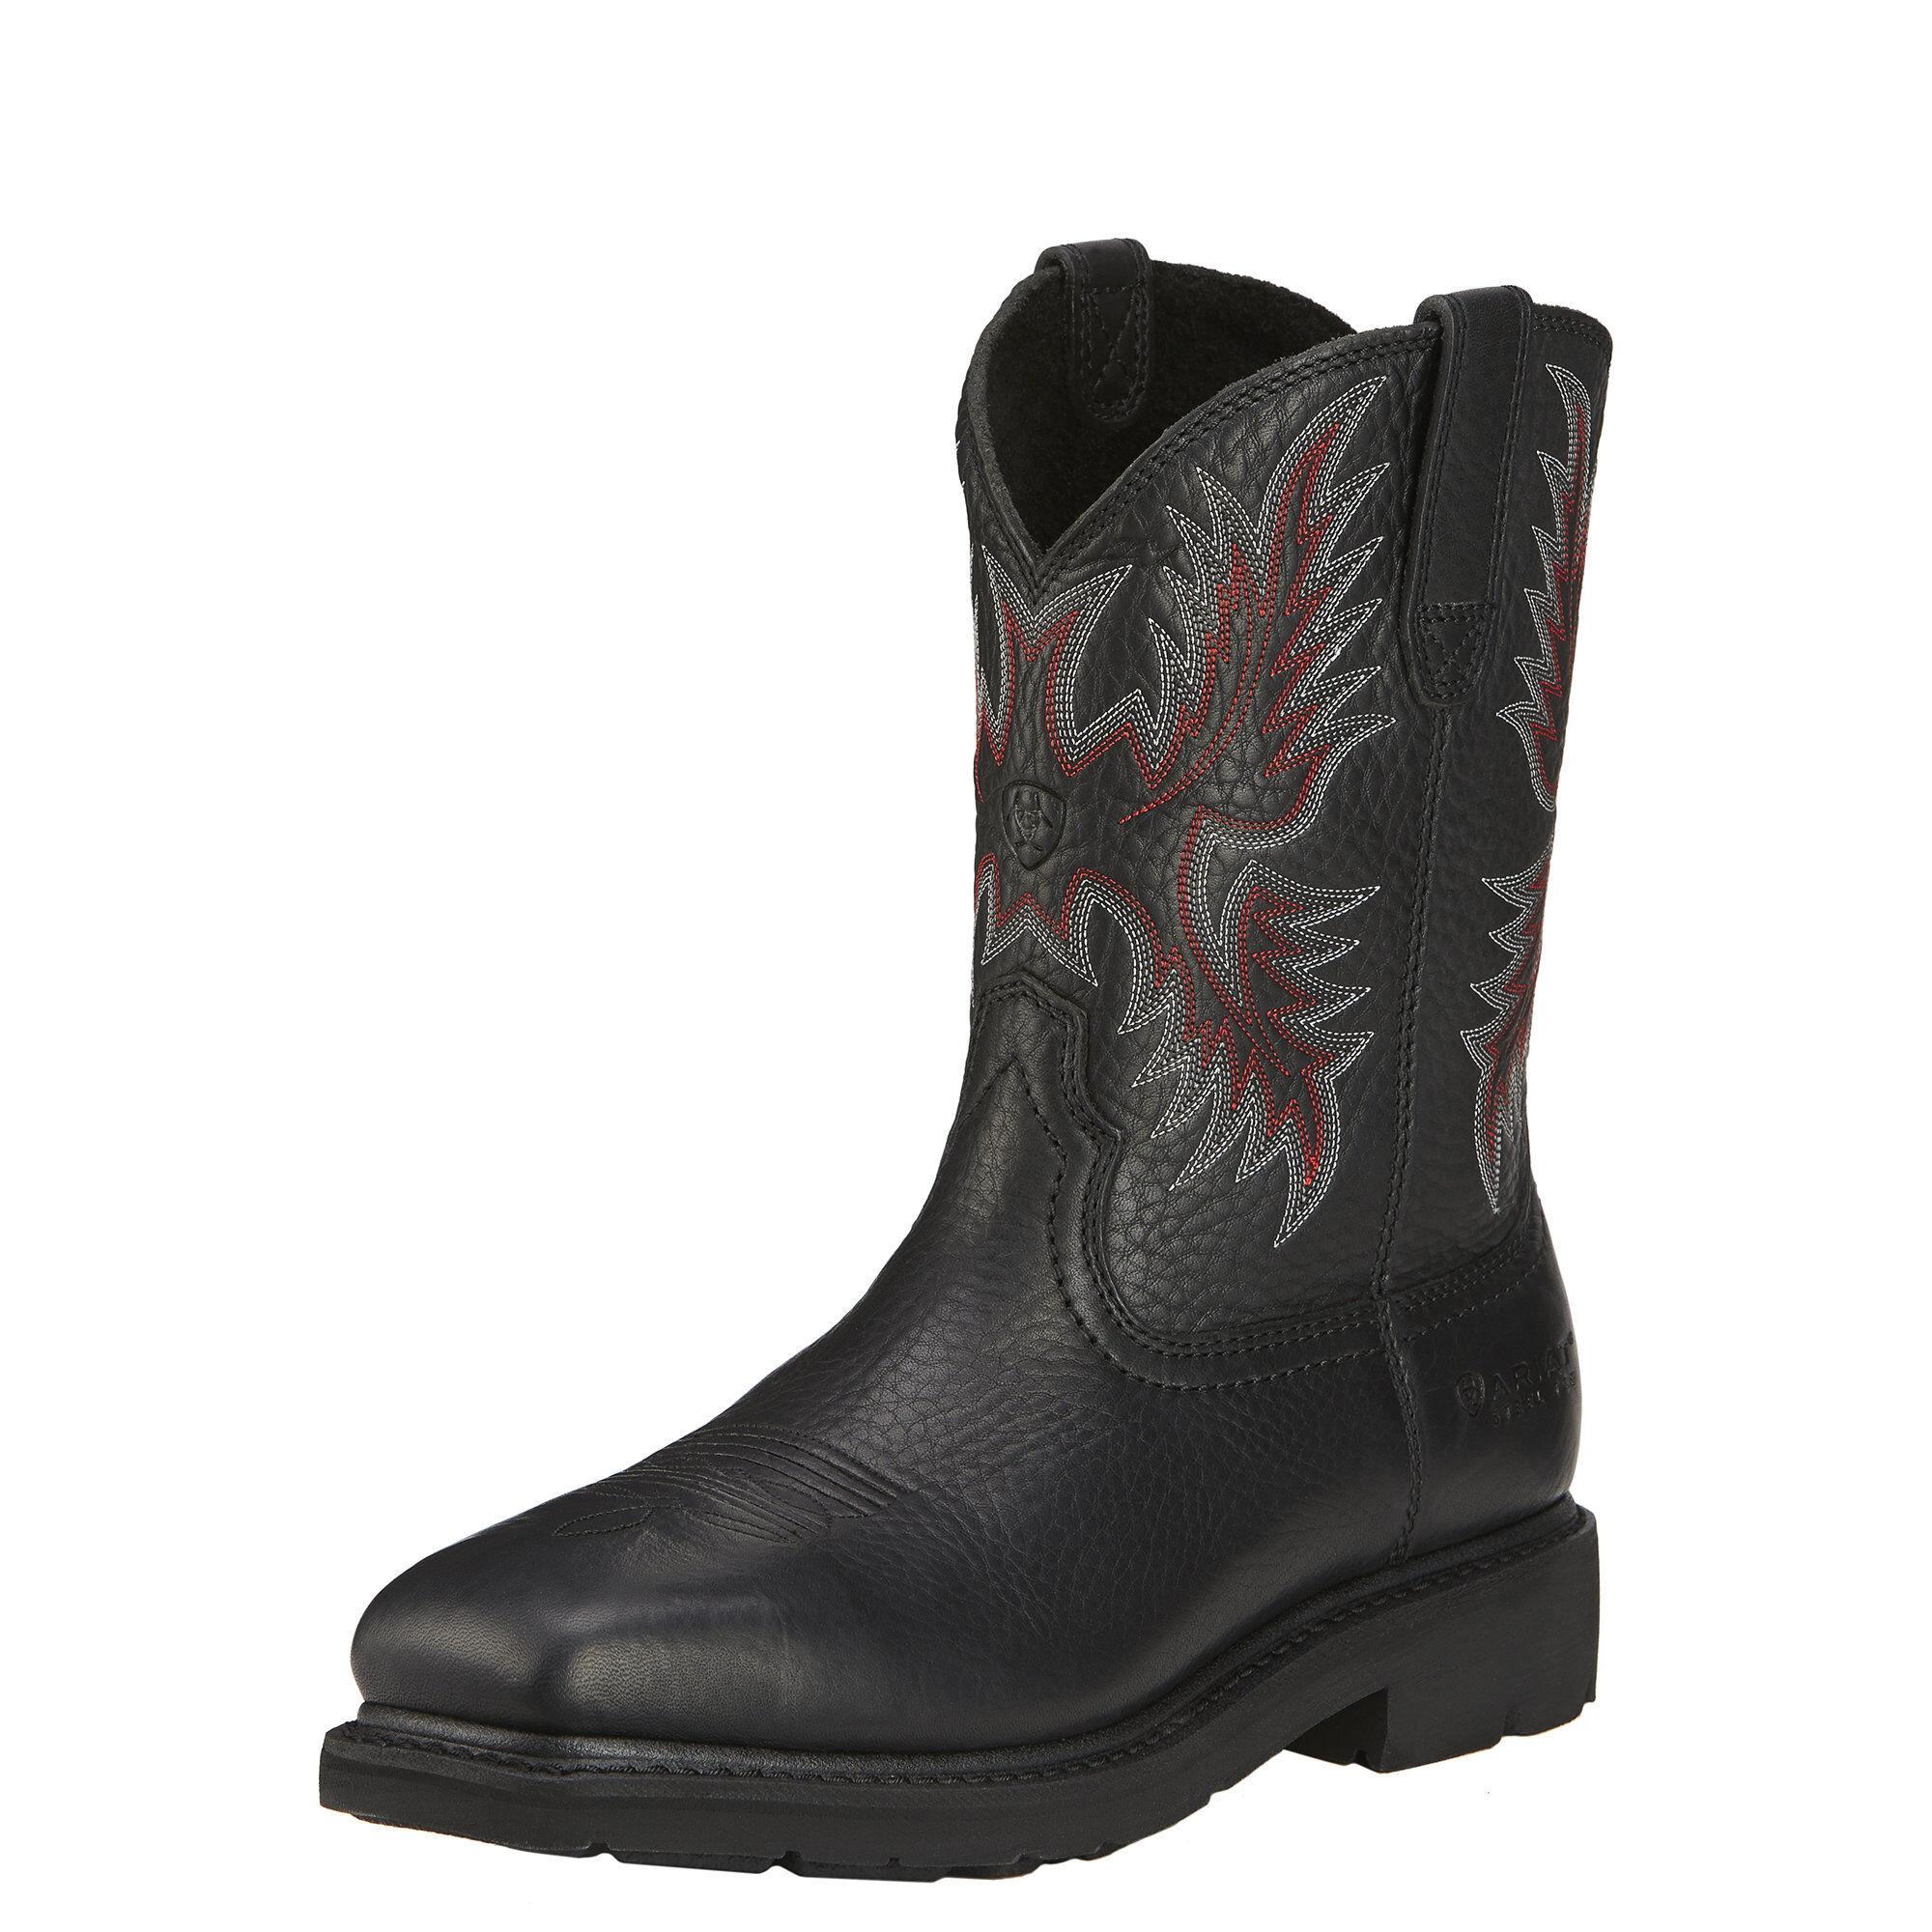 Sierra Steel Toe Work Boot